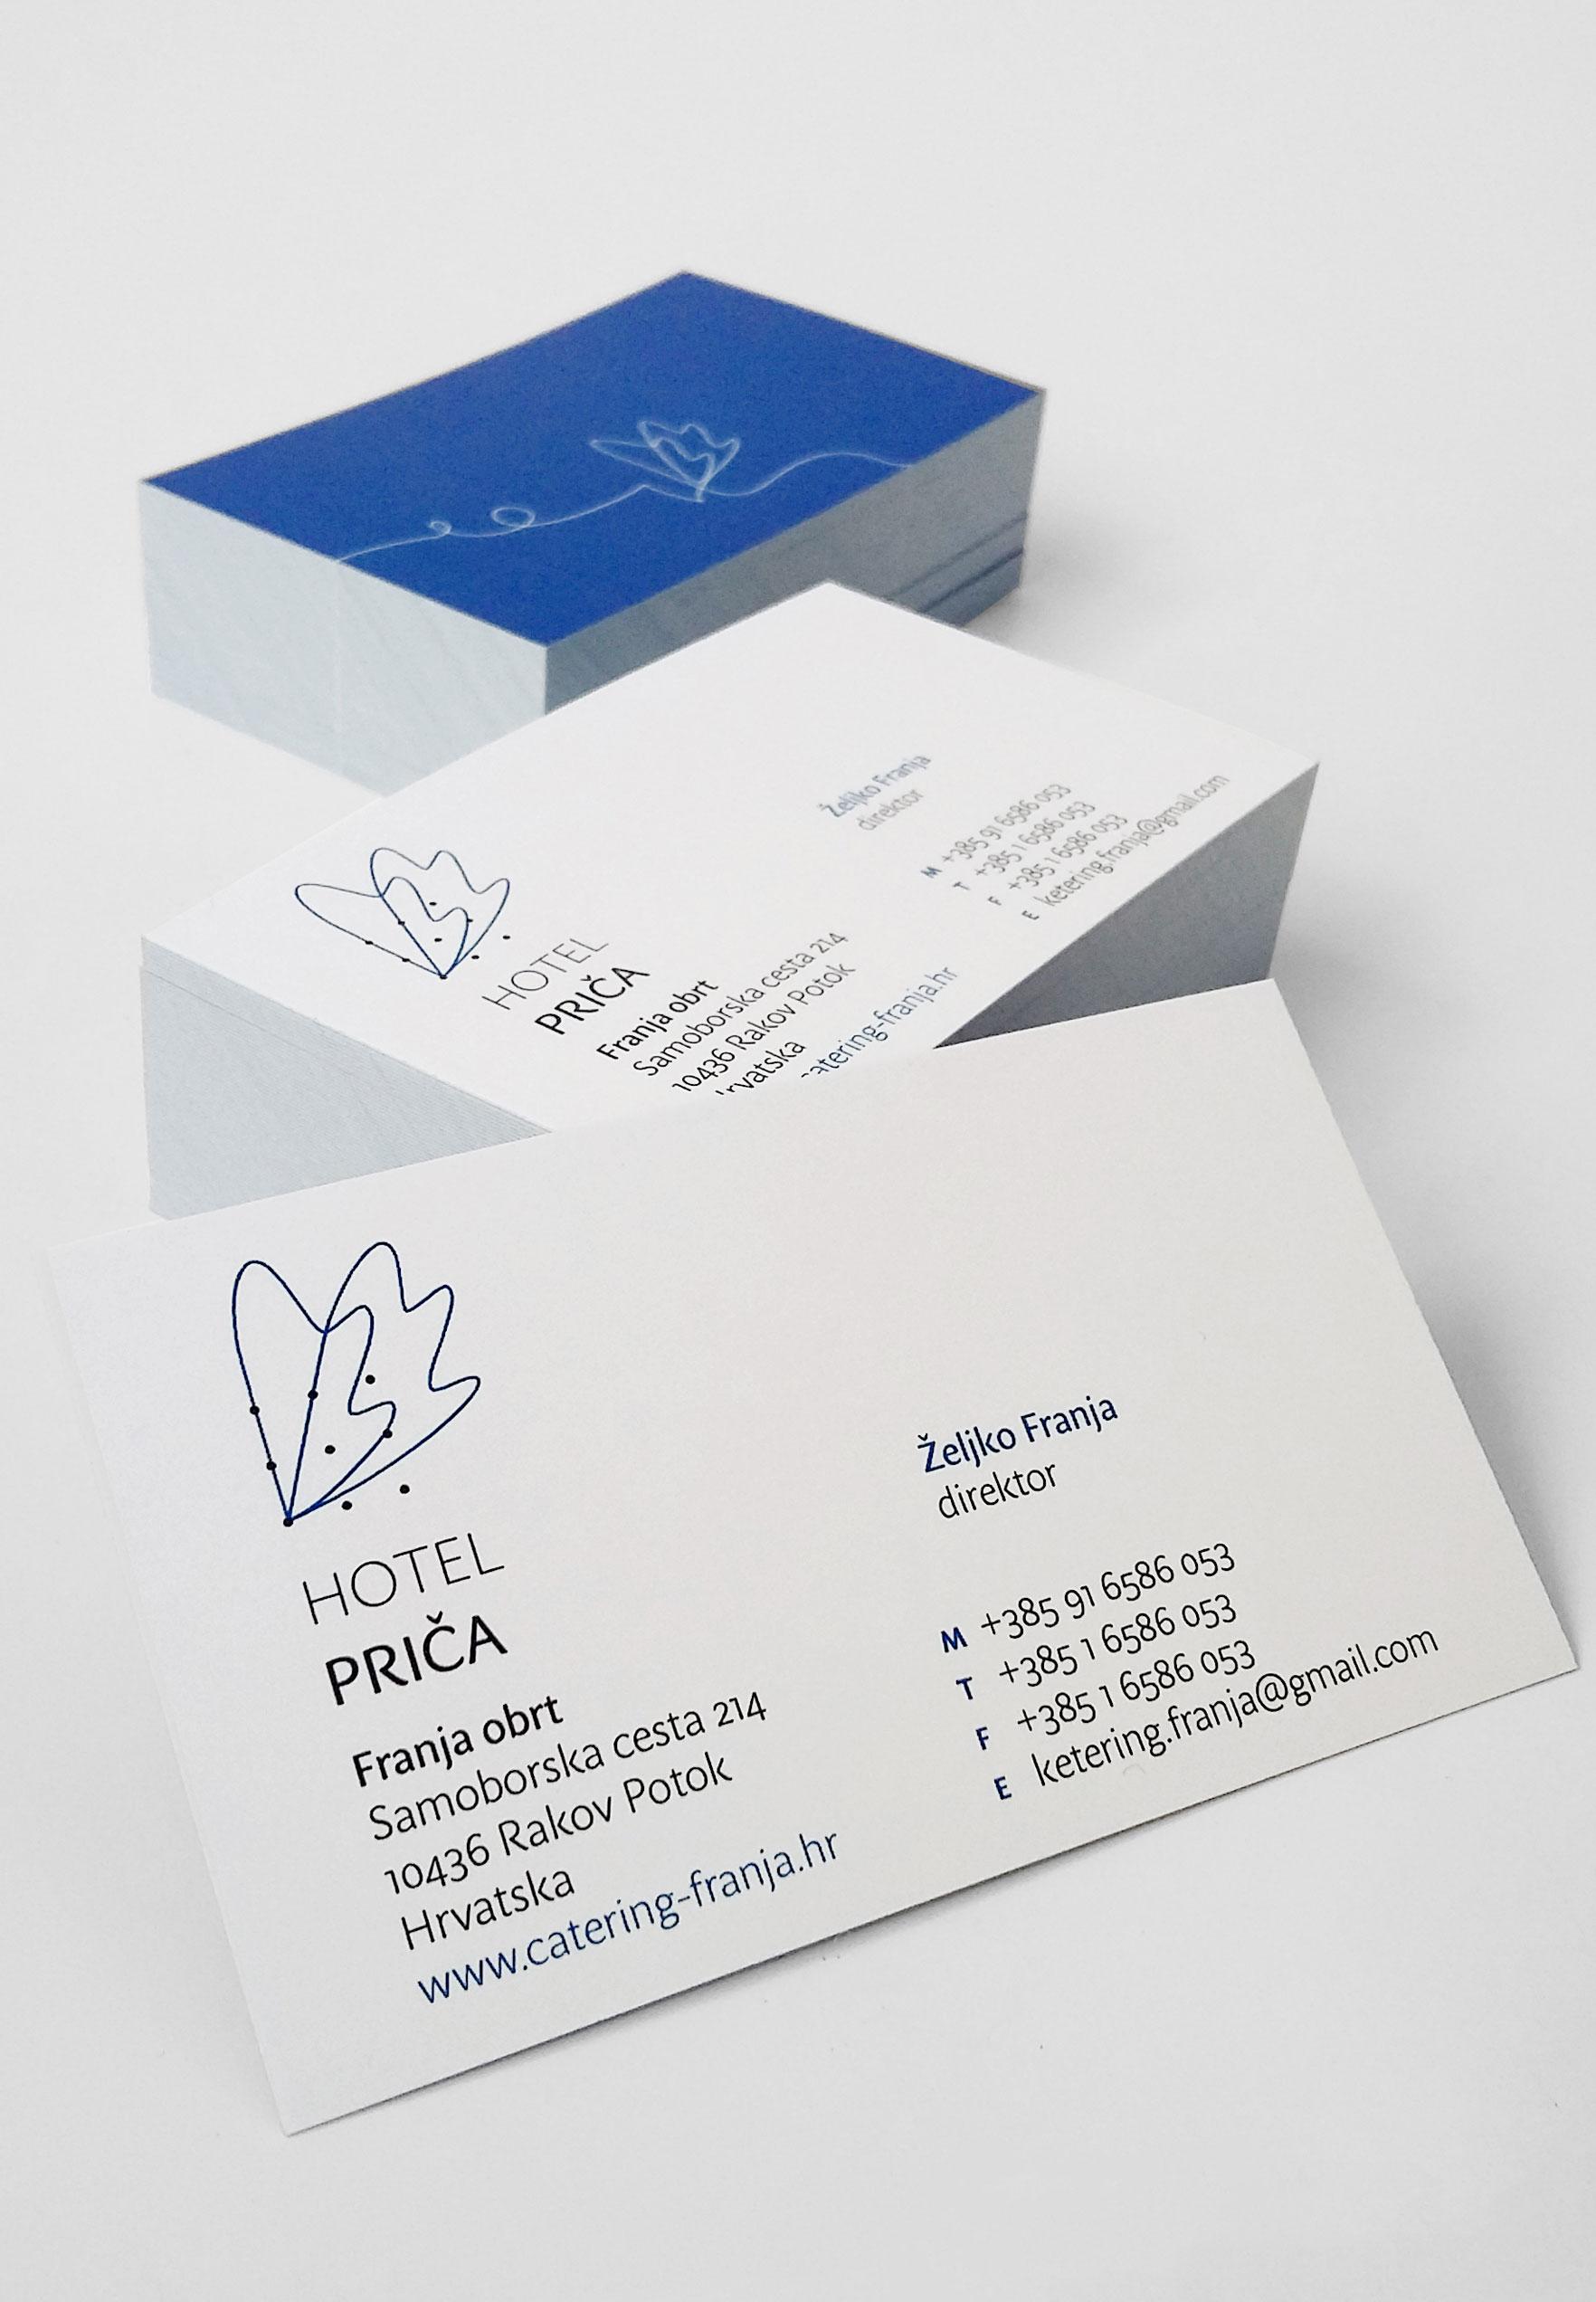 masavukmanovic.com - franja - visual identity 03